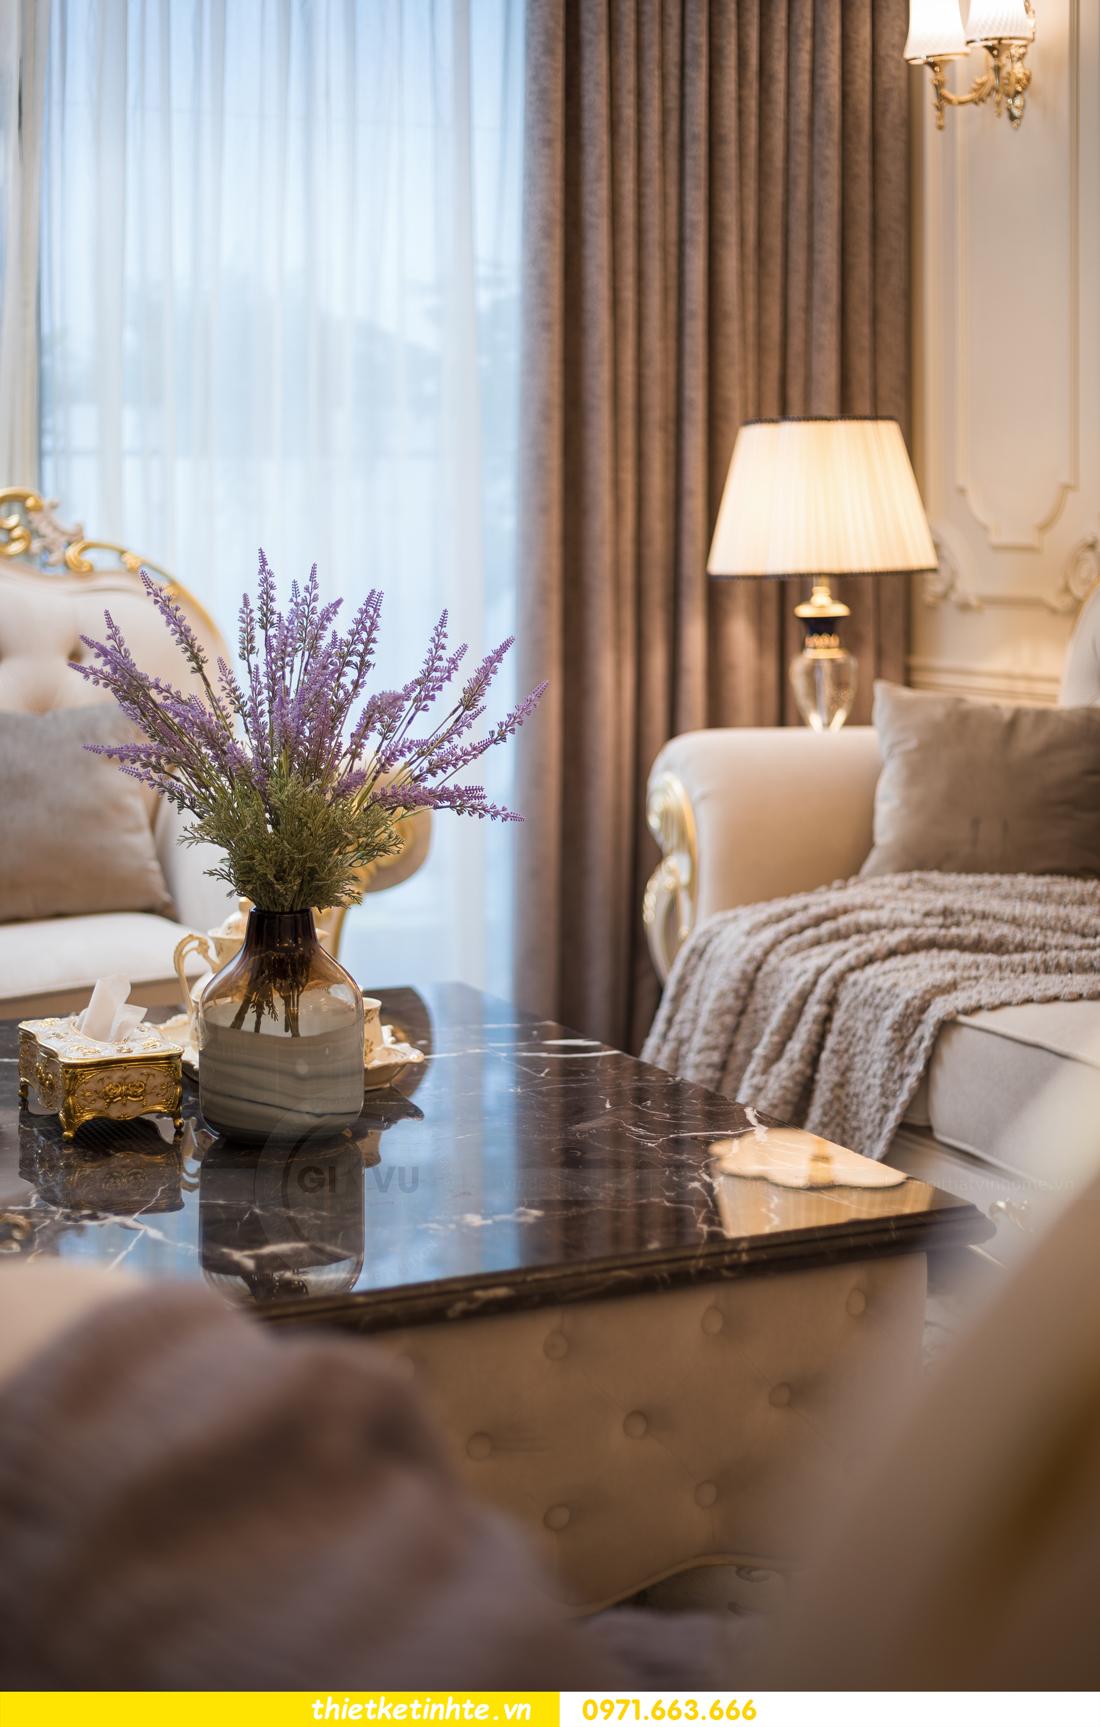 thi công hoàn thiện nội thất chung cư cao cấp Vinhomes Green Bay 07